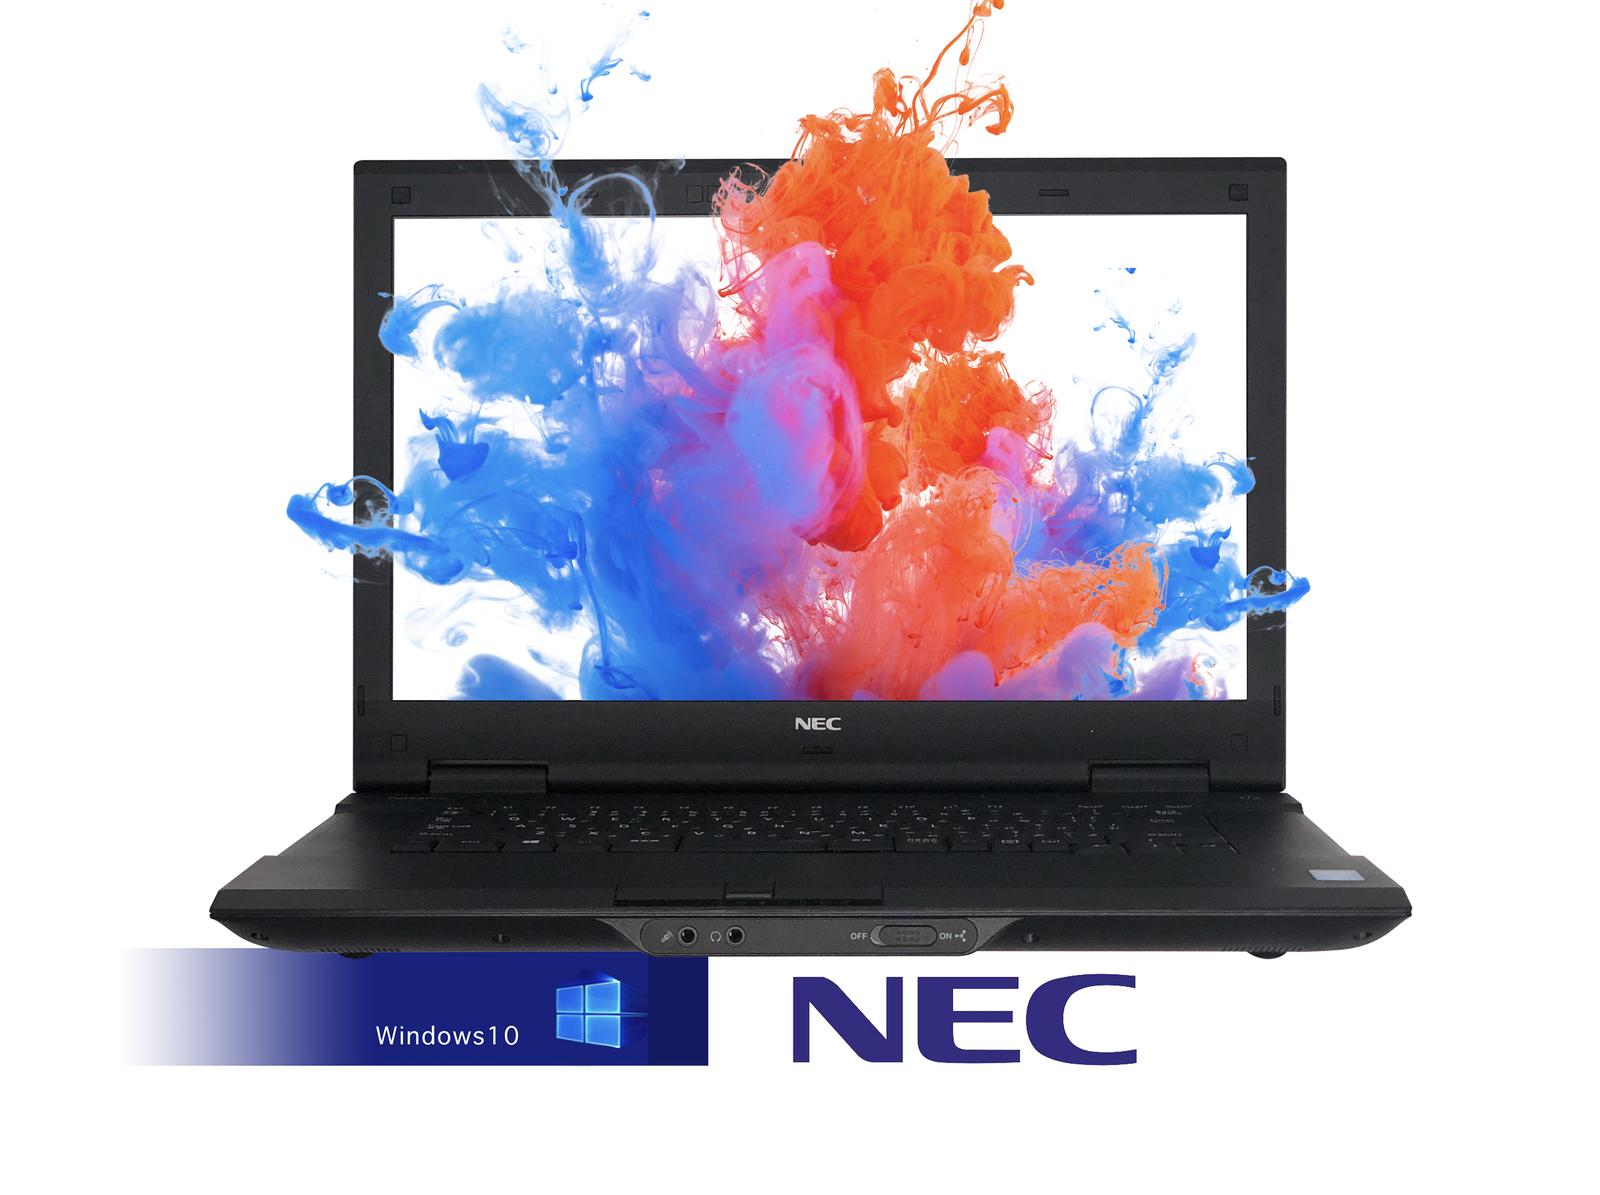 VersaPro 320GB VK25 (新品メモリー:8GB+新品SSD:480GB)2016変更可能/WPS /第三世代Core Office付き 10搭載】NEC 15.6インチ/無線LAN/DVD/中古ノートパソコン 【中古】【Office搭載】【Windows 2.50GHz/メモリ4G i5